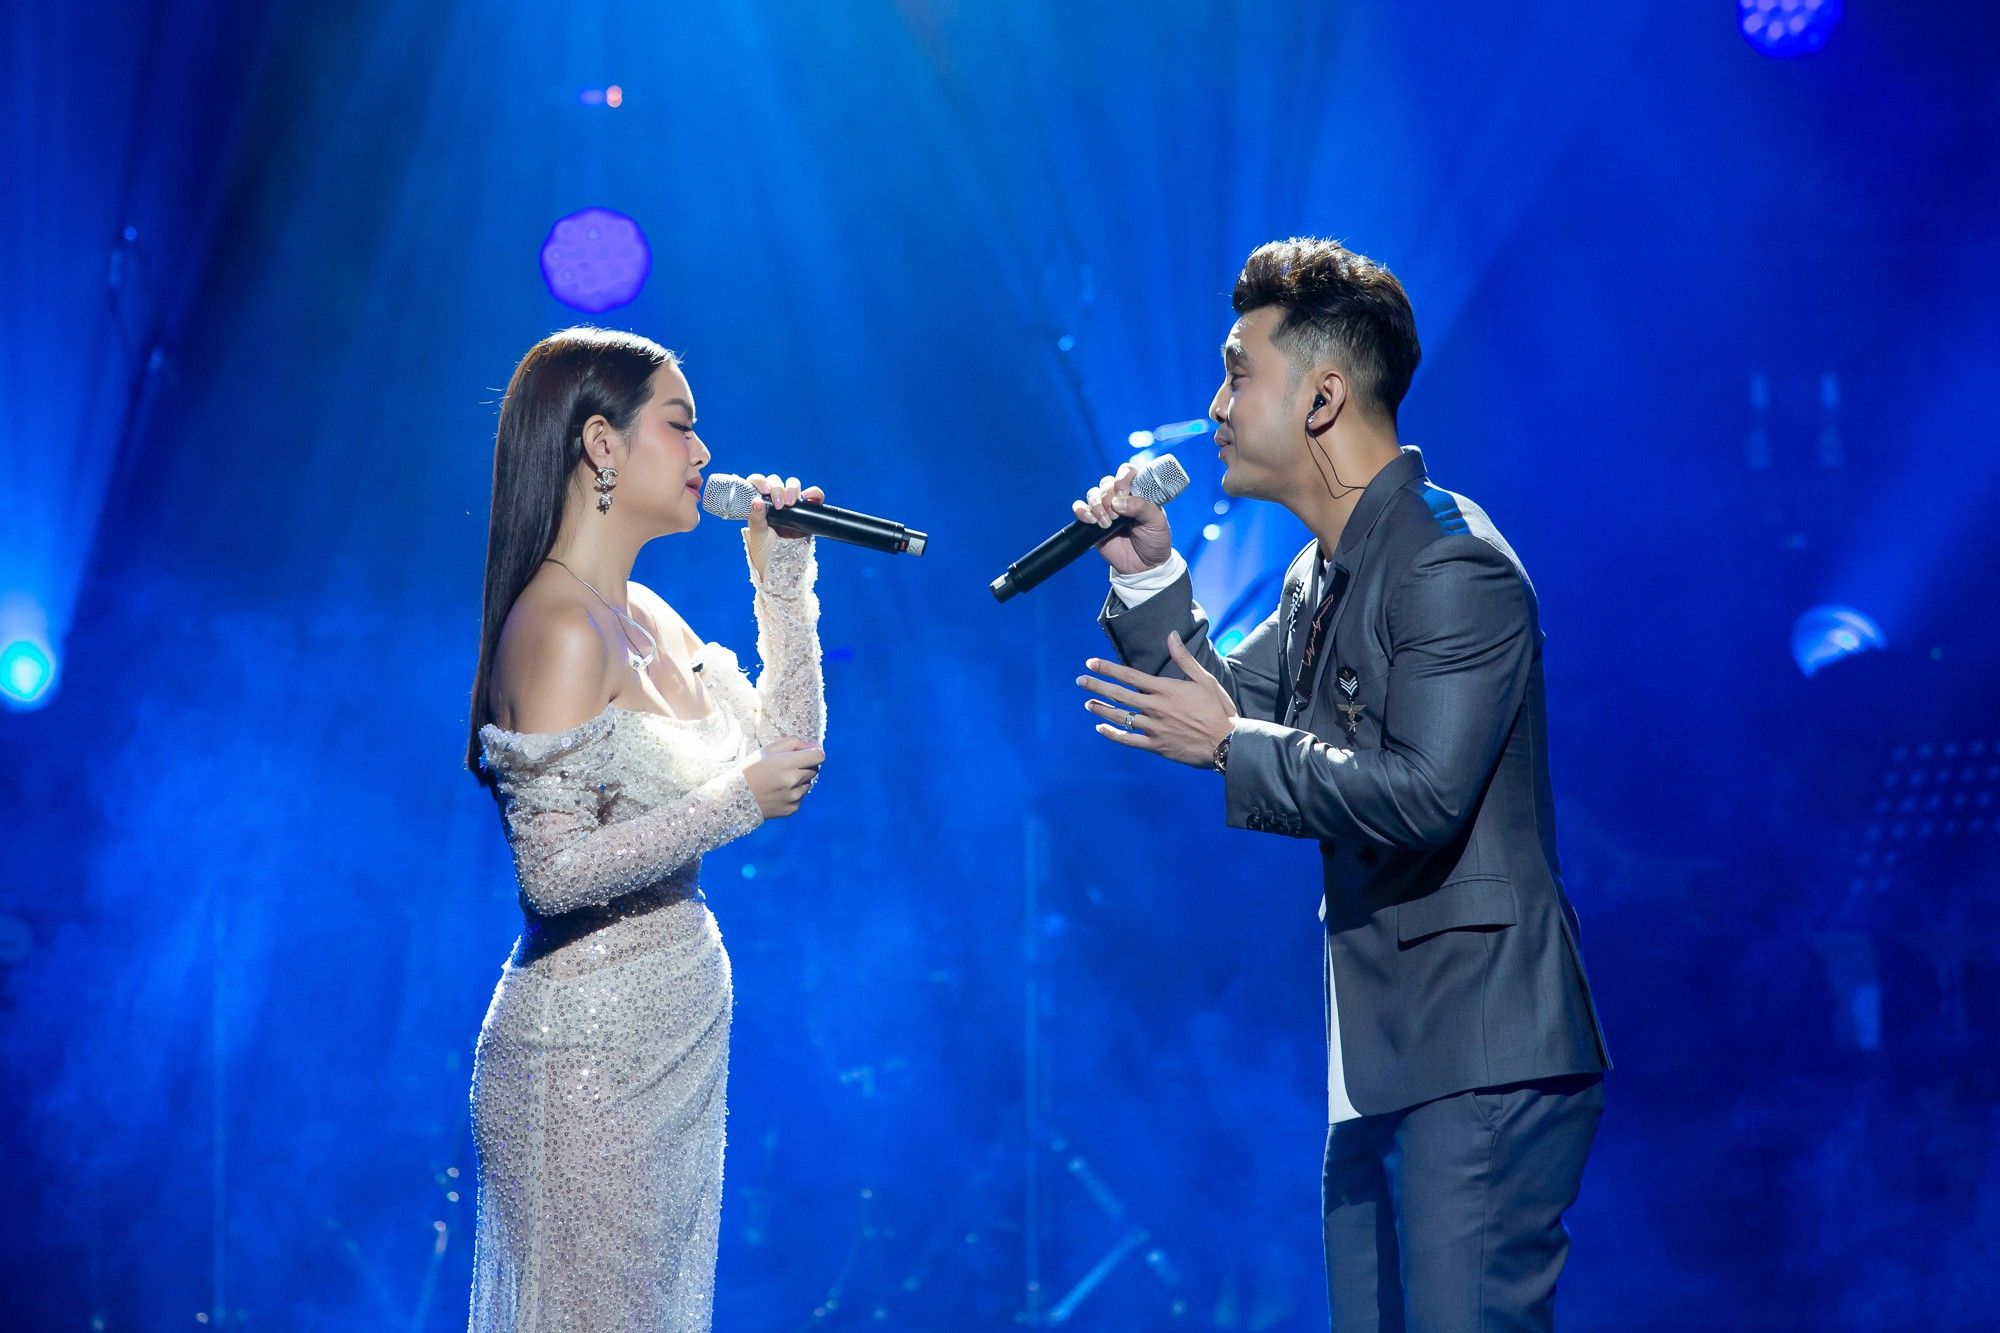 VZN News: Phạm Quỳnh Anh bật khóc trước hàng nghìn khán giả - Ảnh 3.